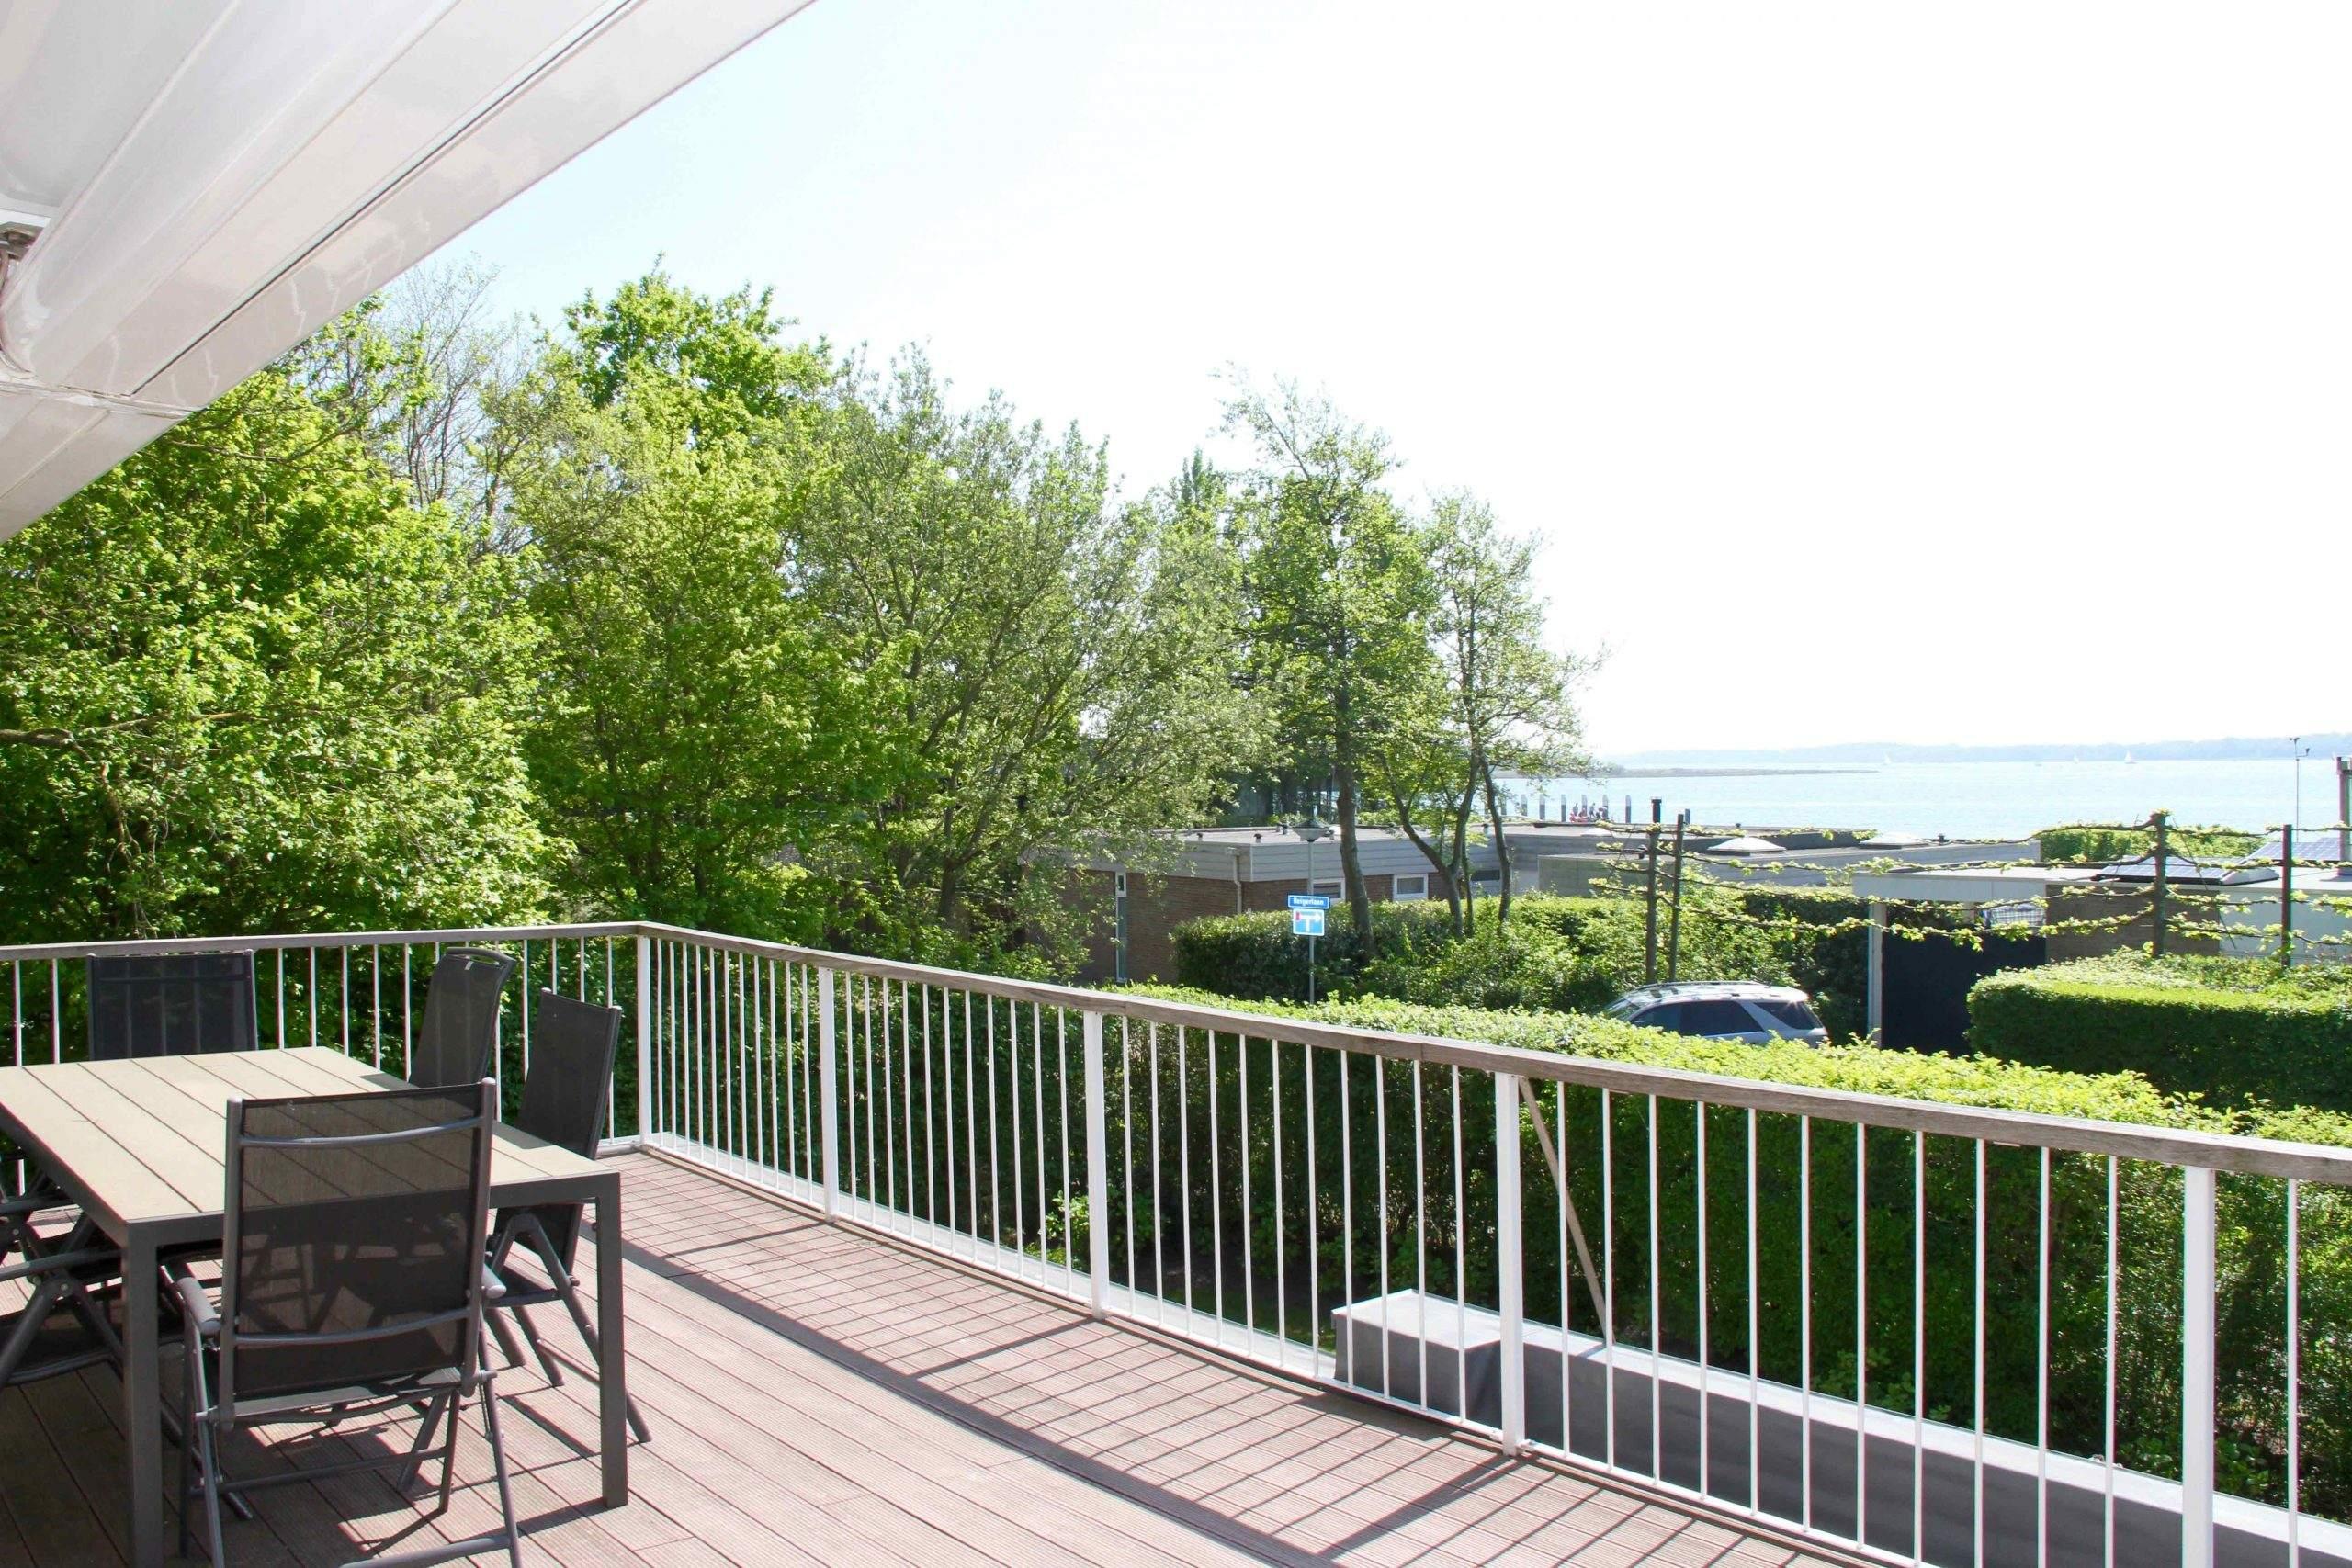 Blie_vakantiehuis-zeeland_nummer-10_balkon